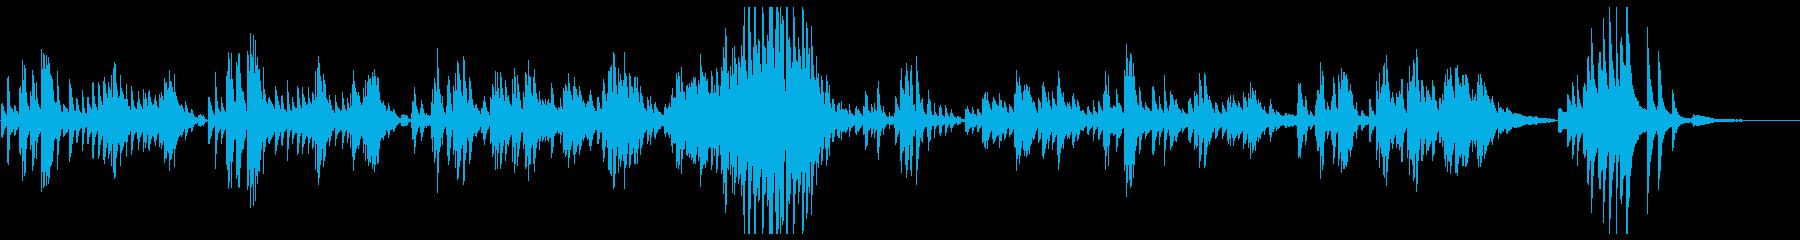 ラヴェル ソナチネ2 メヌエットの再生済みの波形